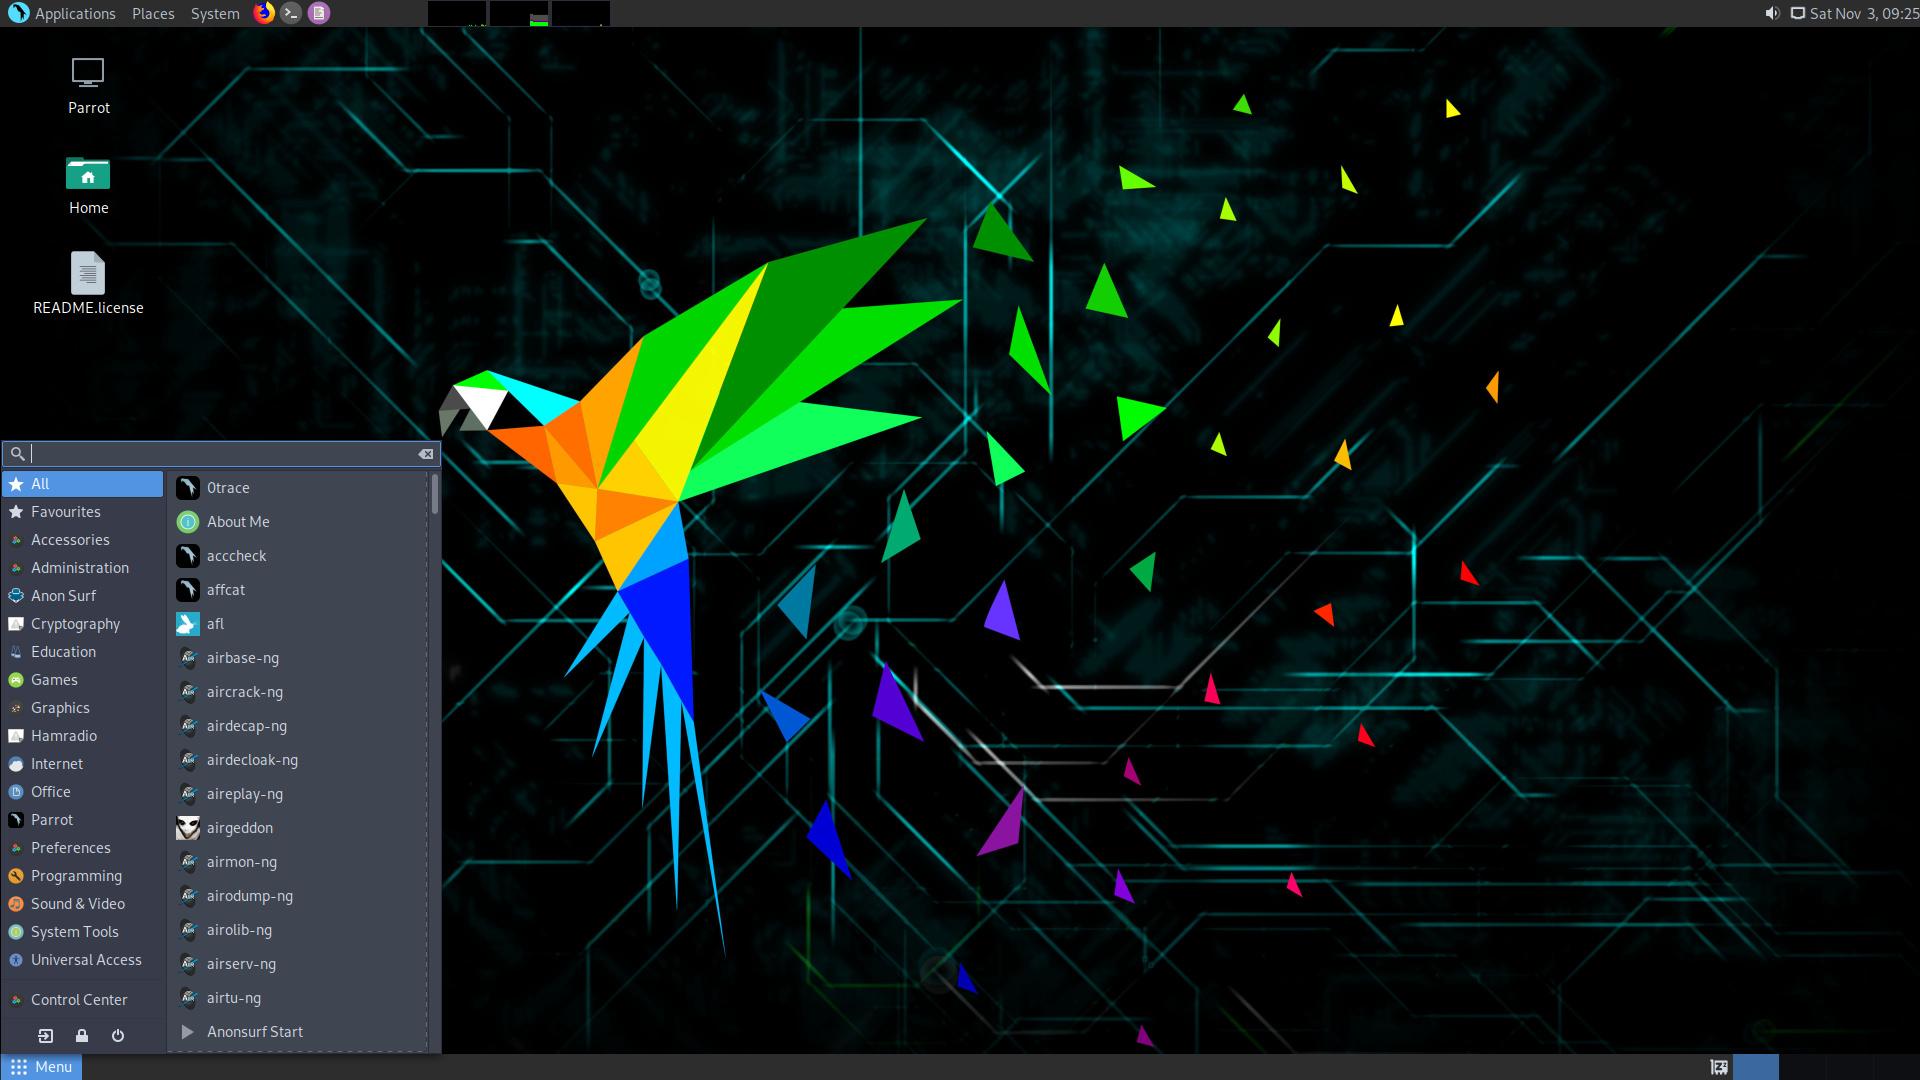 Parrot Linux 4.8 mit dem MATE Desktop Environment 1.24